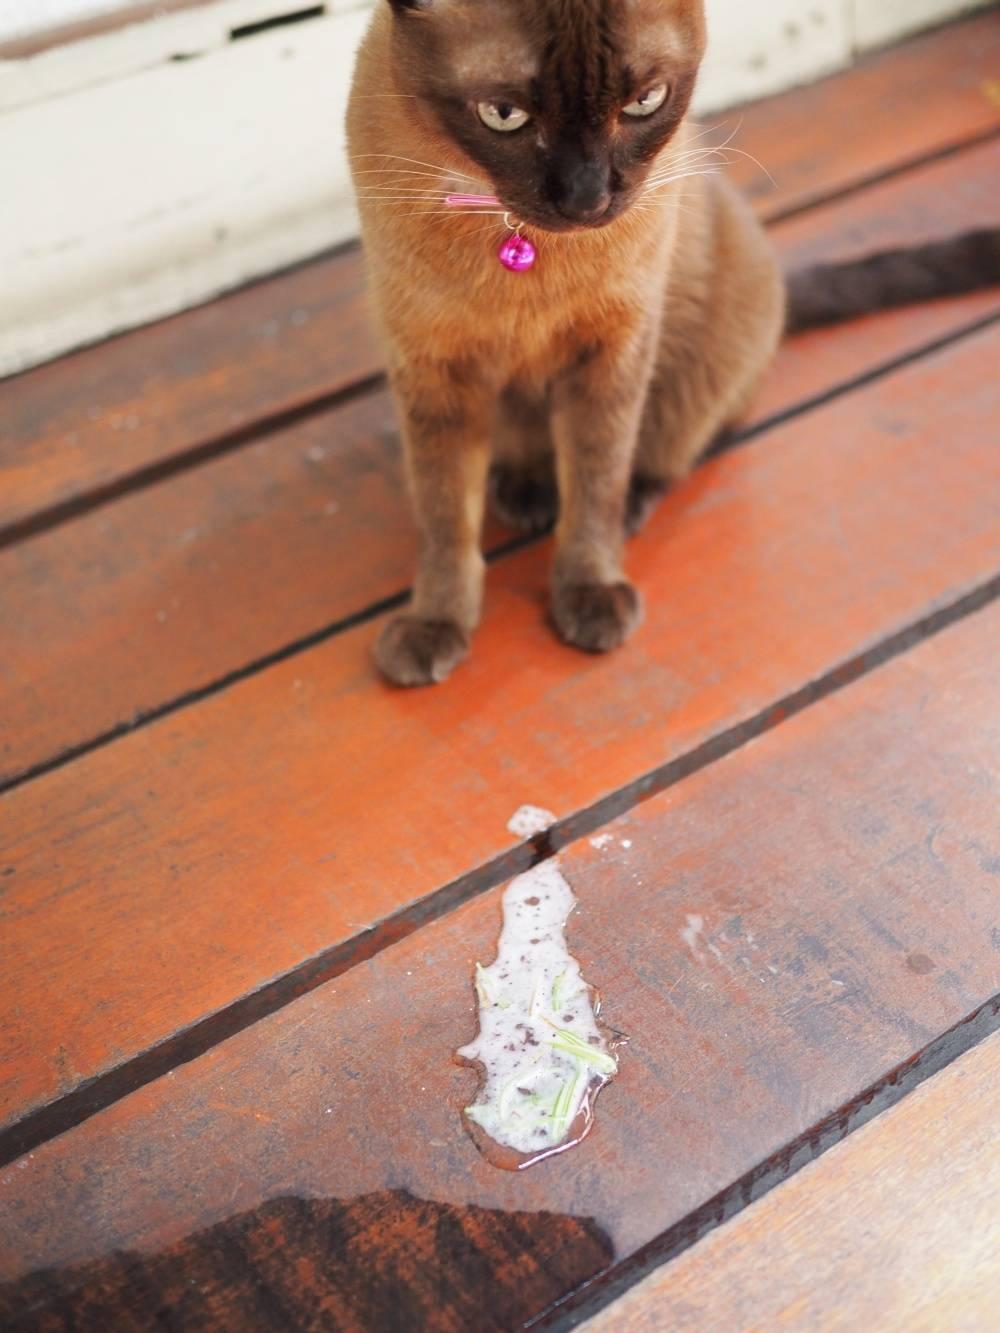 Пена изо рта у кошки или кота: причина и что делать   почему идет белая пена